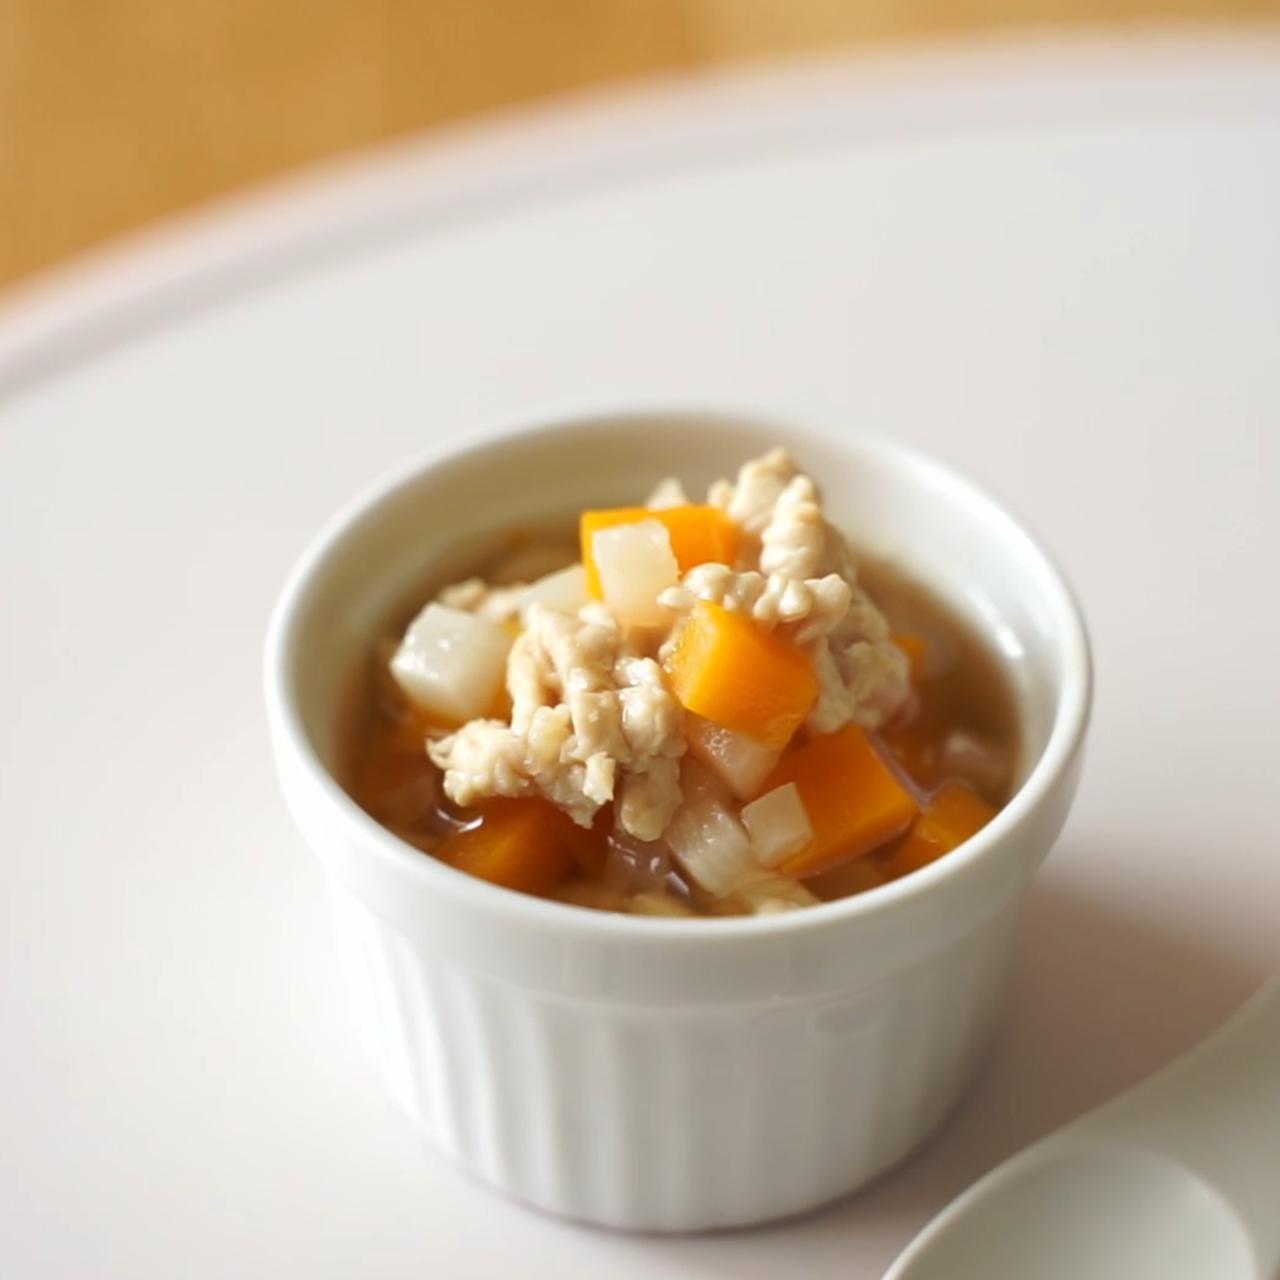 画像: 離乳食 中期レシピ!かぶとカボチャのとろとろ煮 - 君とごはん